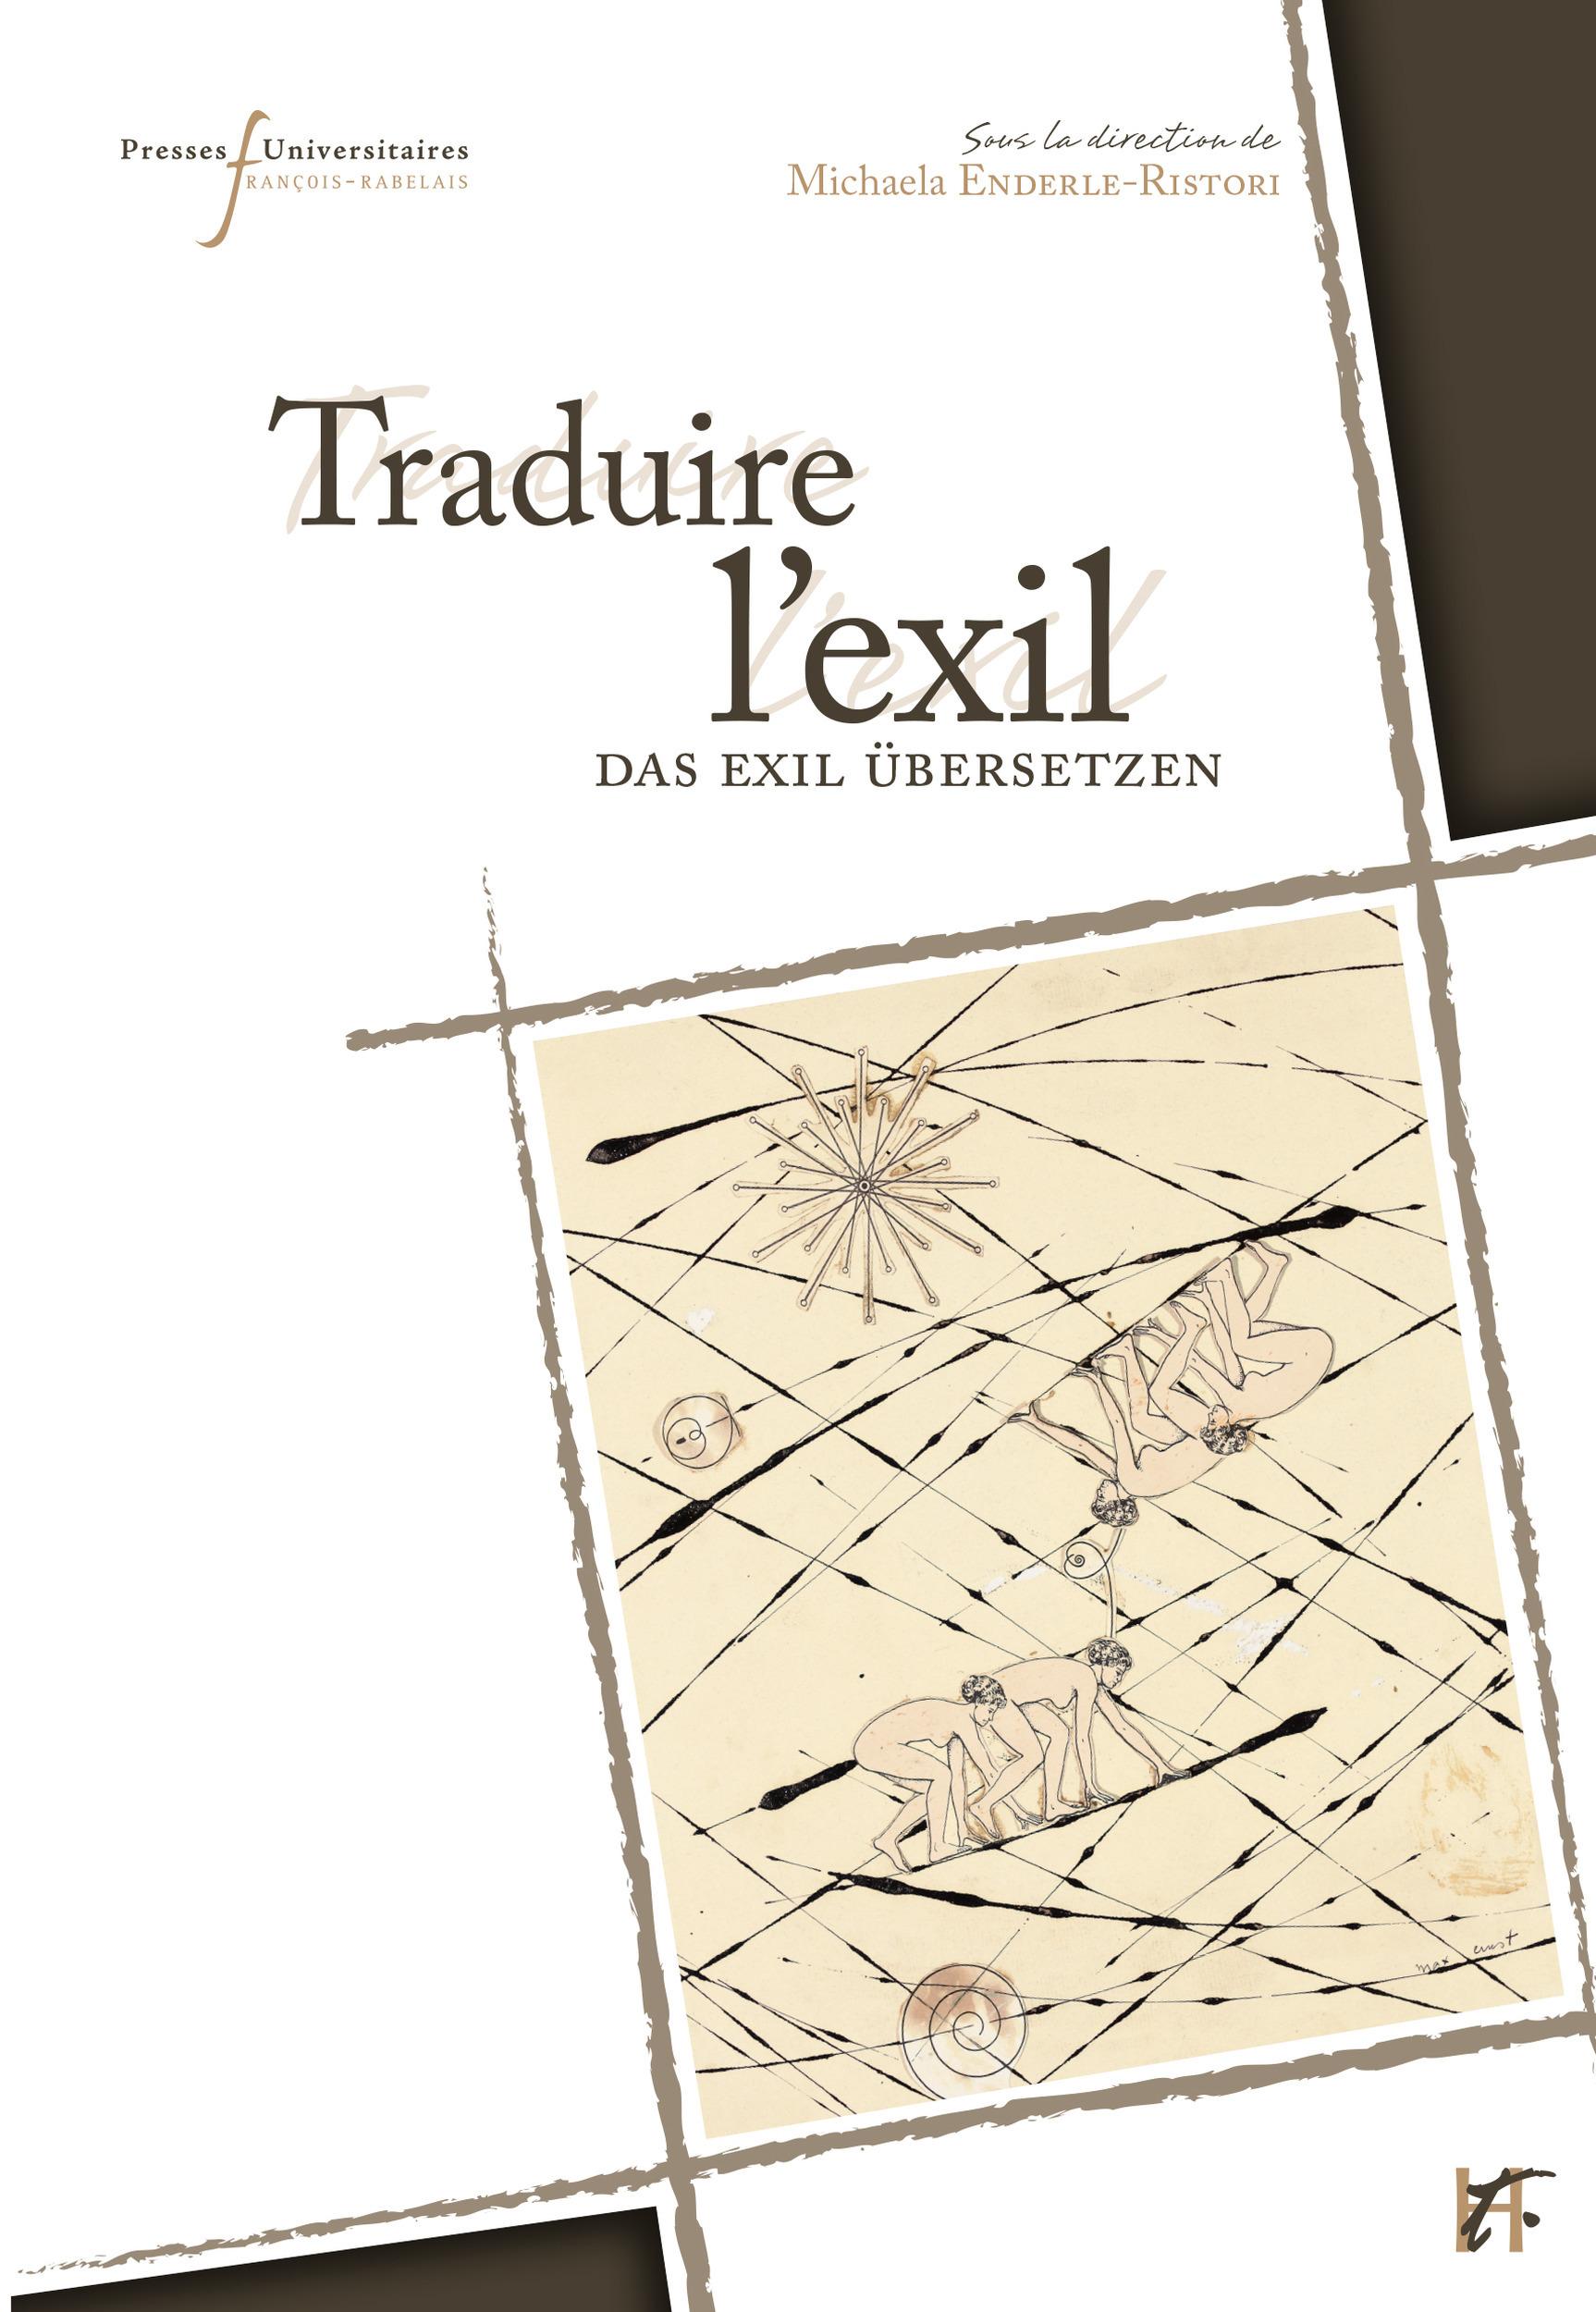 Traduire l'exil ; textes, identtiés et histoire dans l'espace franco-allemand (1933-1945)